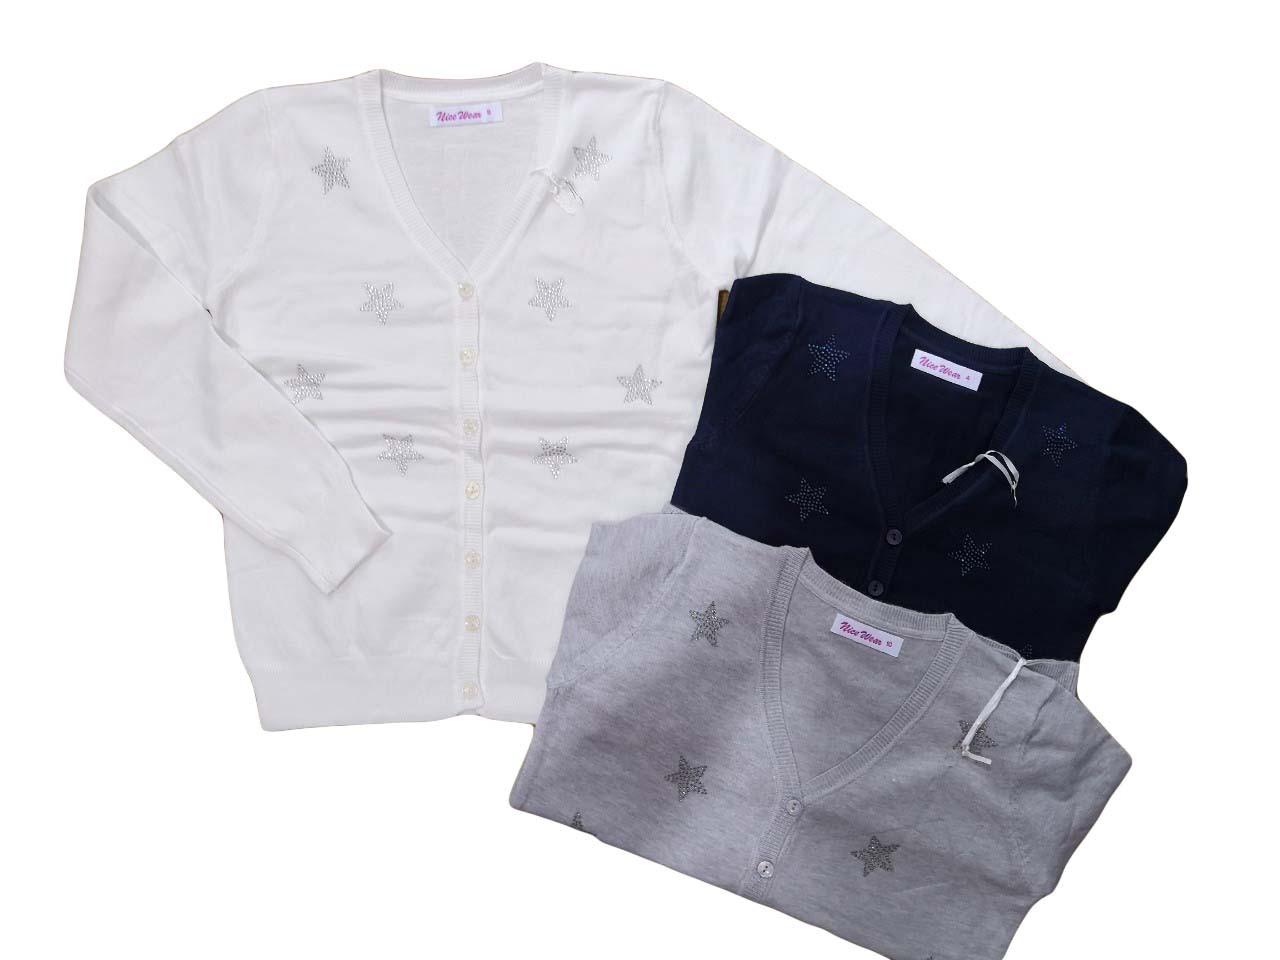 Кардиганы для девочек опт, размеры 4-12 лет, Nice Wear, арт. GJ 977